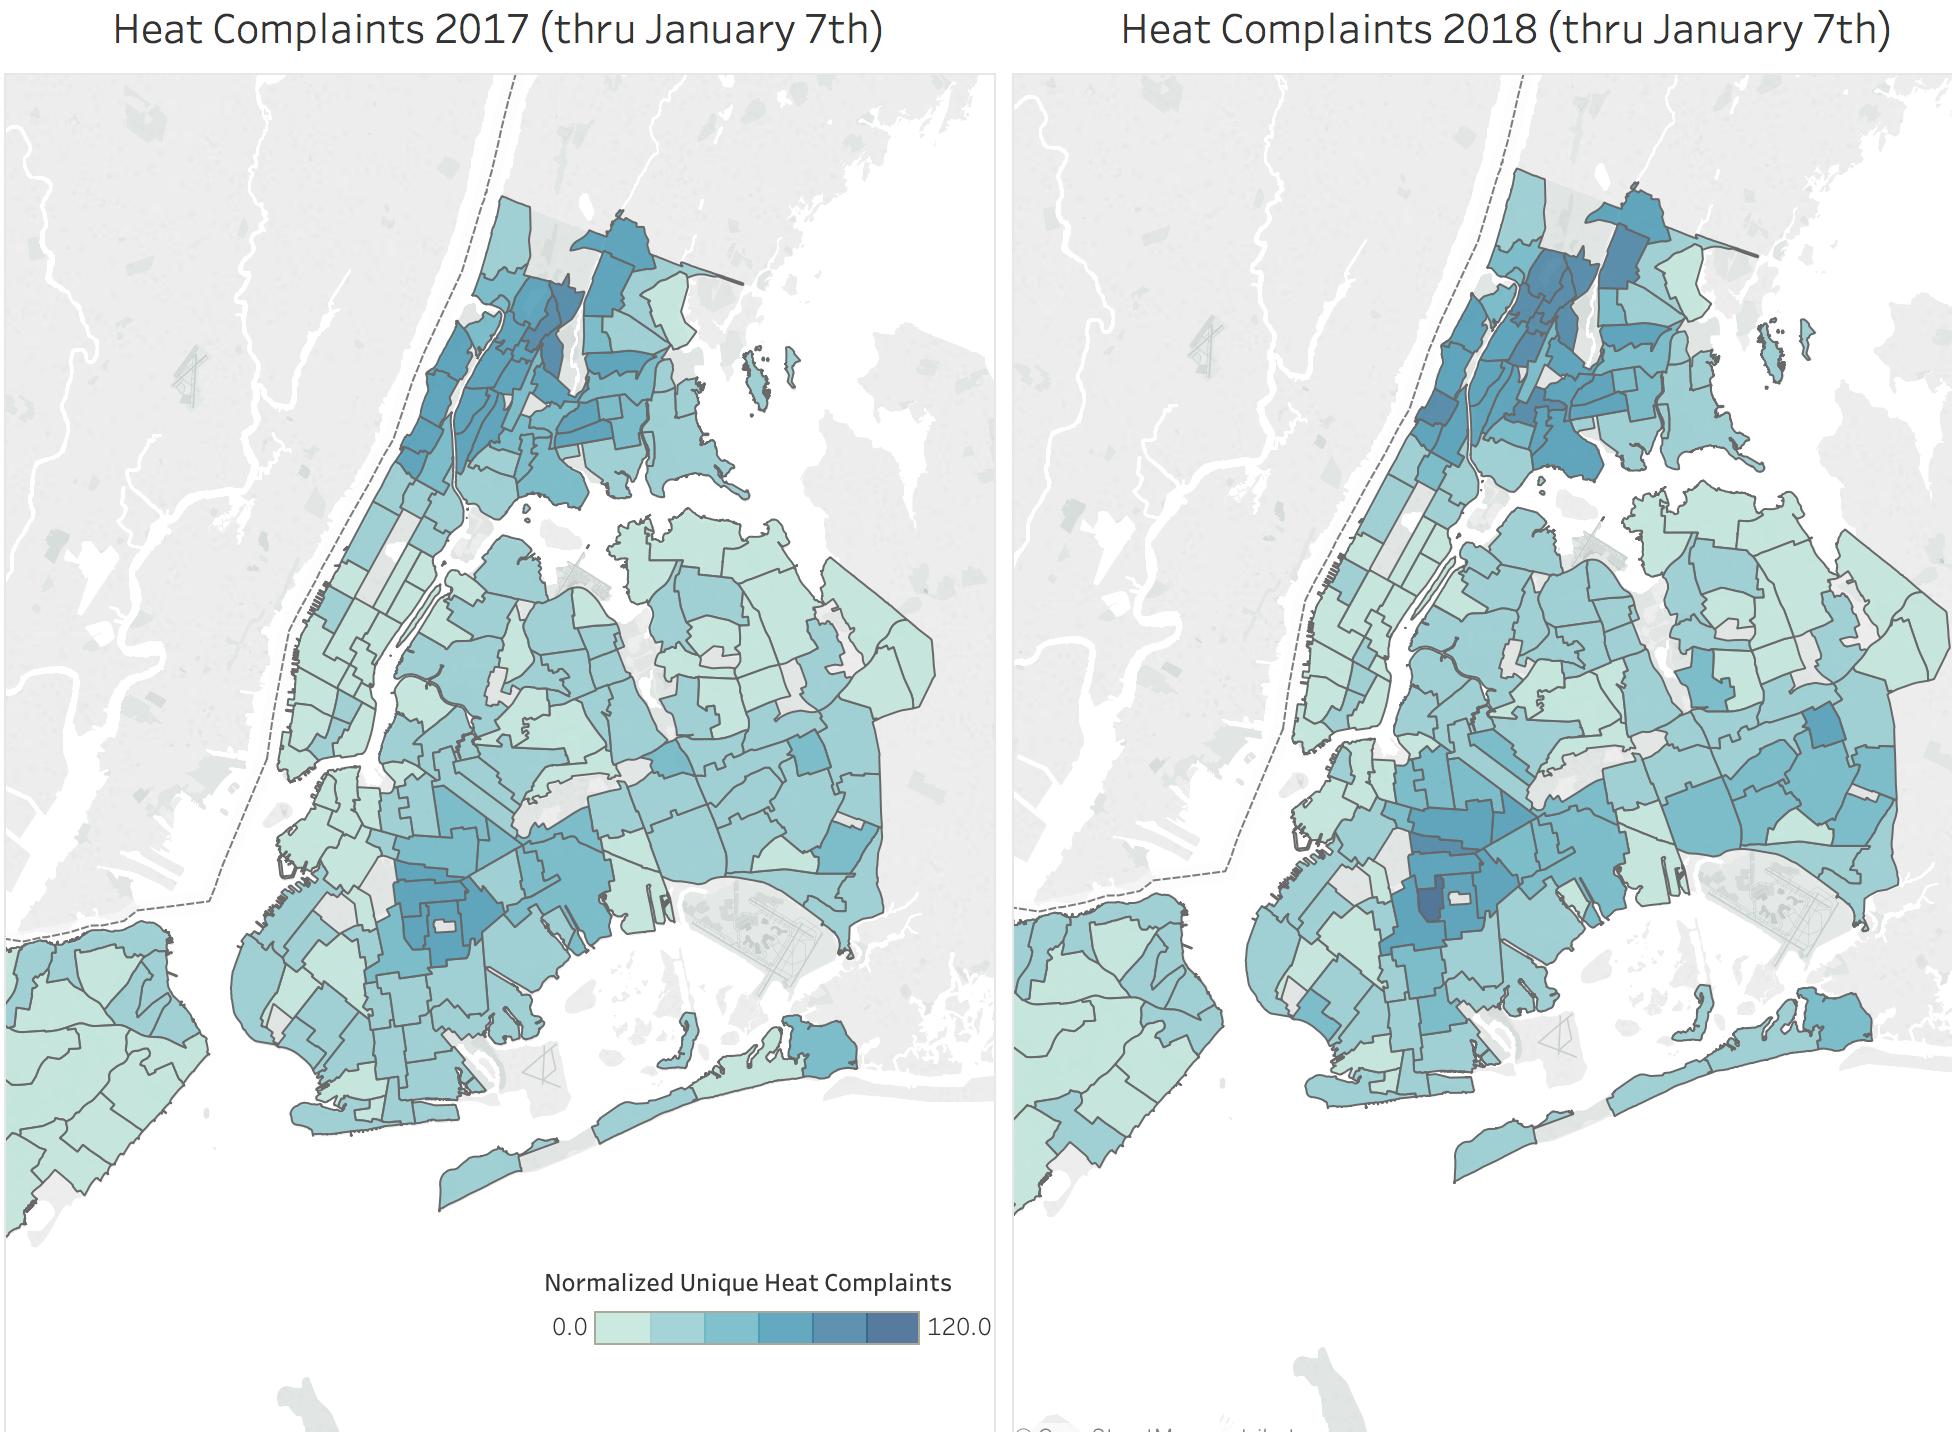 2018 Heat Complaints